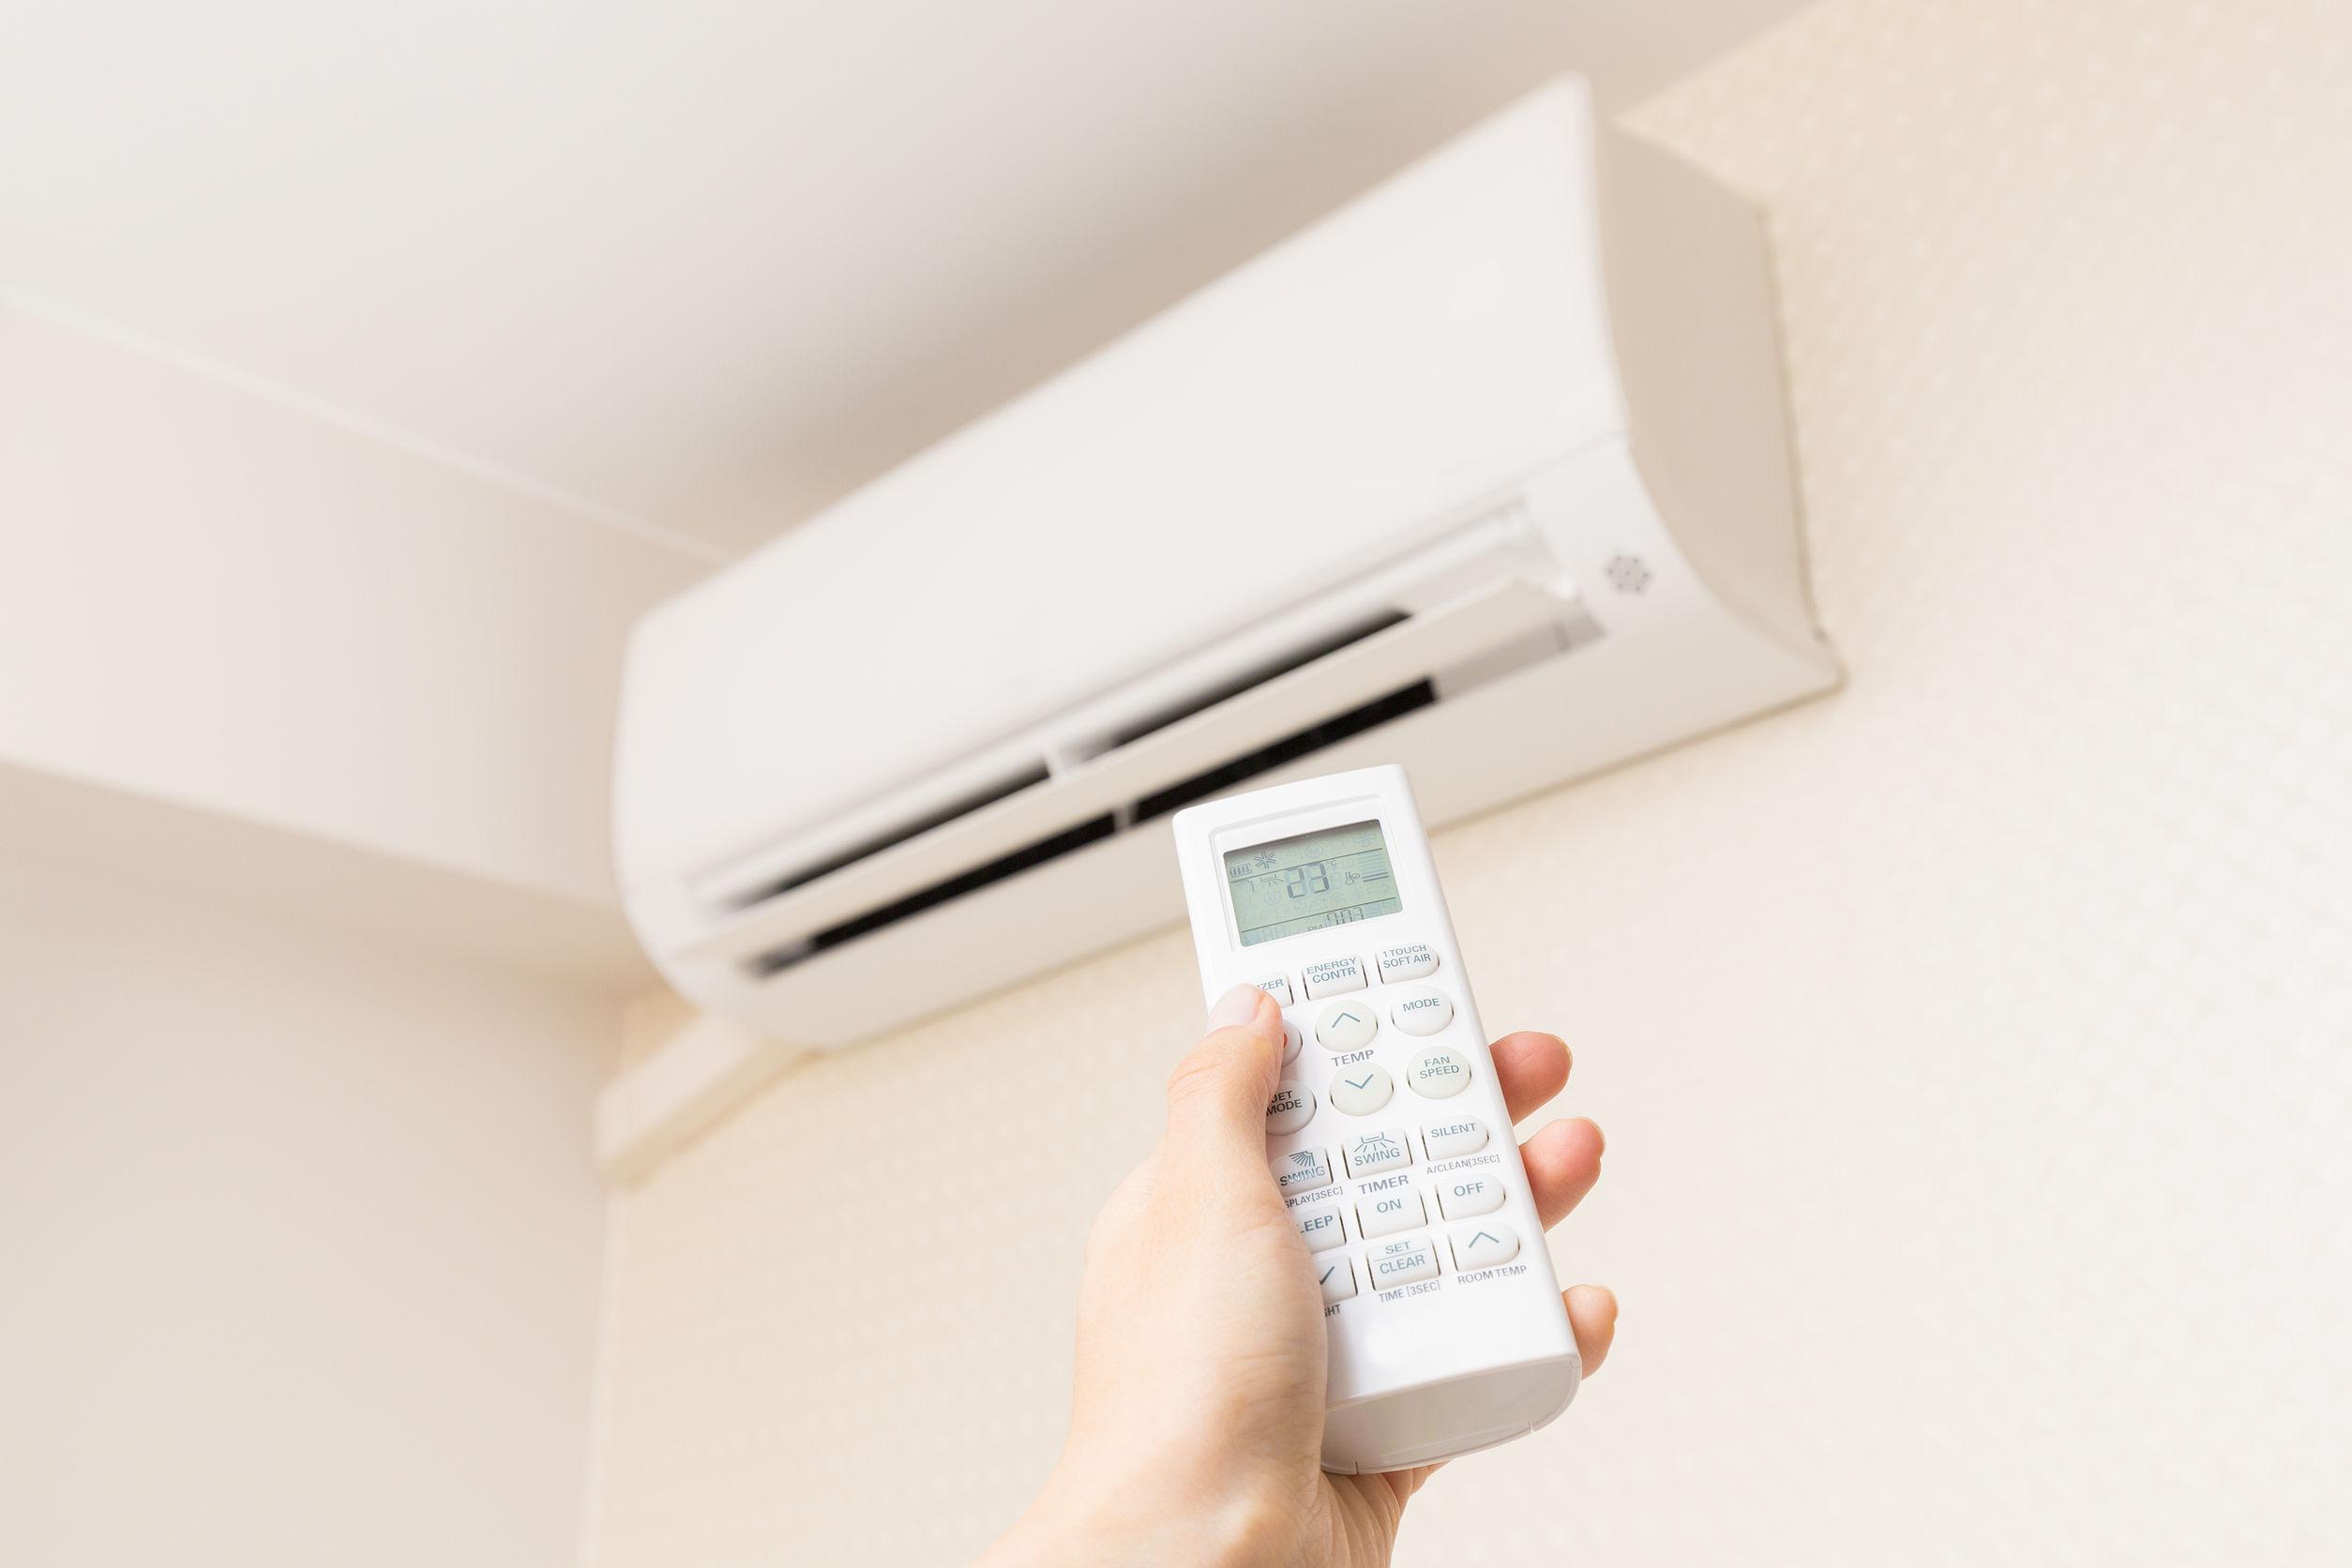 Pessoa ligando ar condicionado com controle remoto